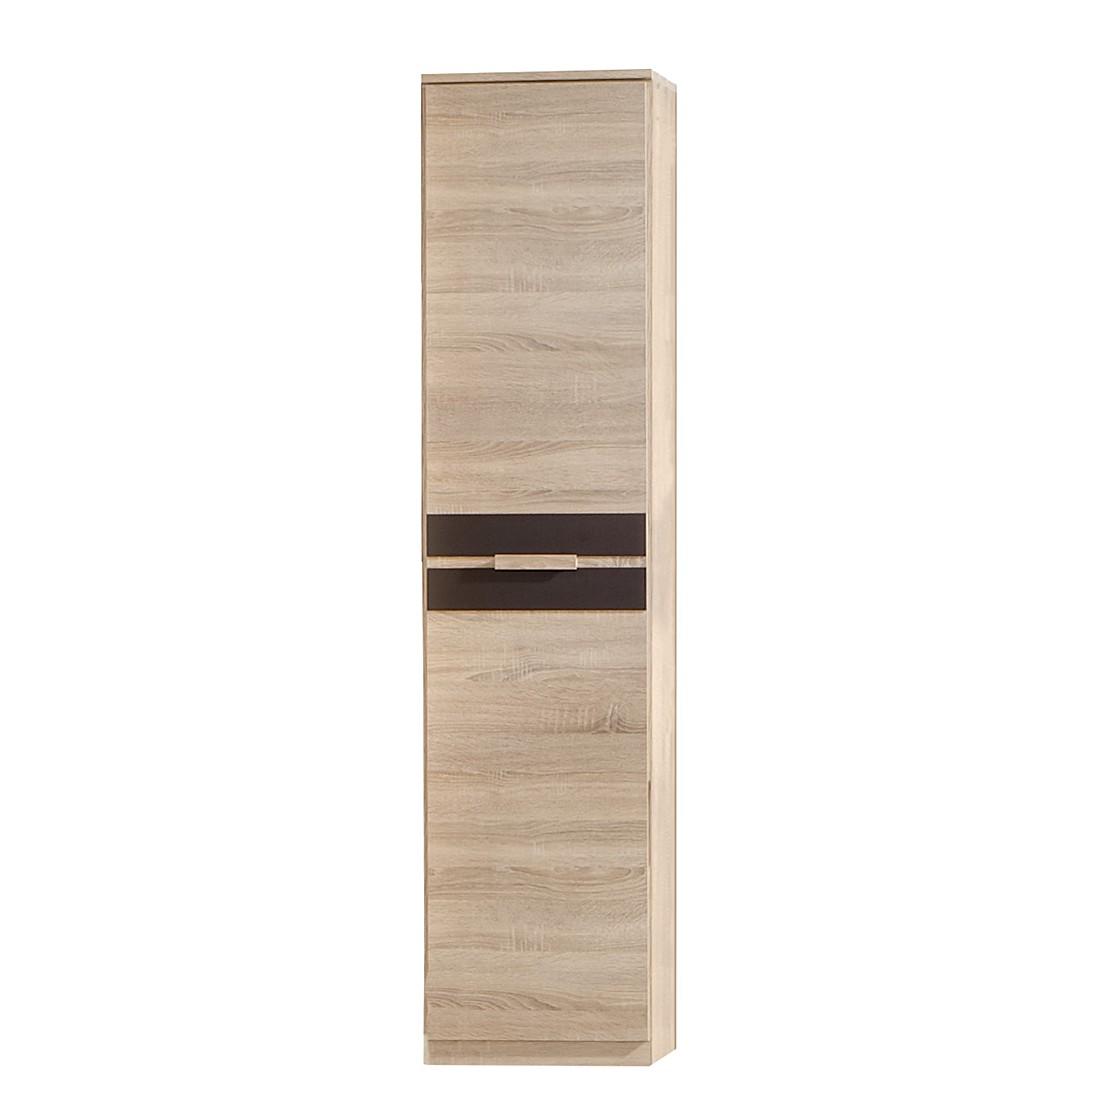 kleiderschrank 40 cm tief machen sie den preisvergleich bei nextag. Black Bedroom Furniture Sets. Home Design Ideas